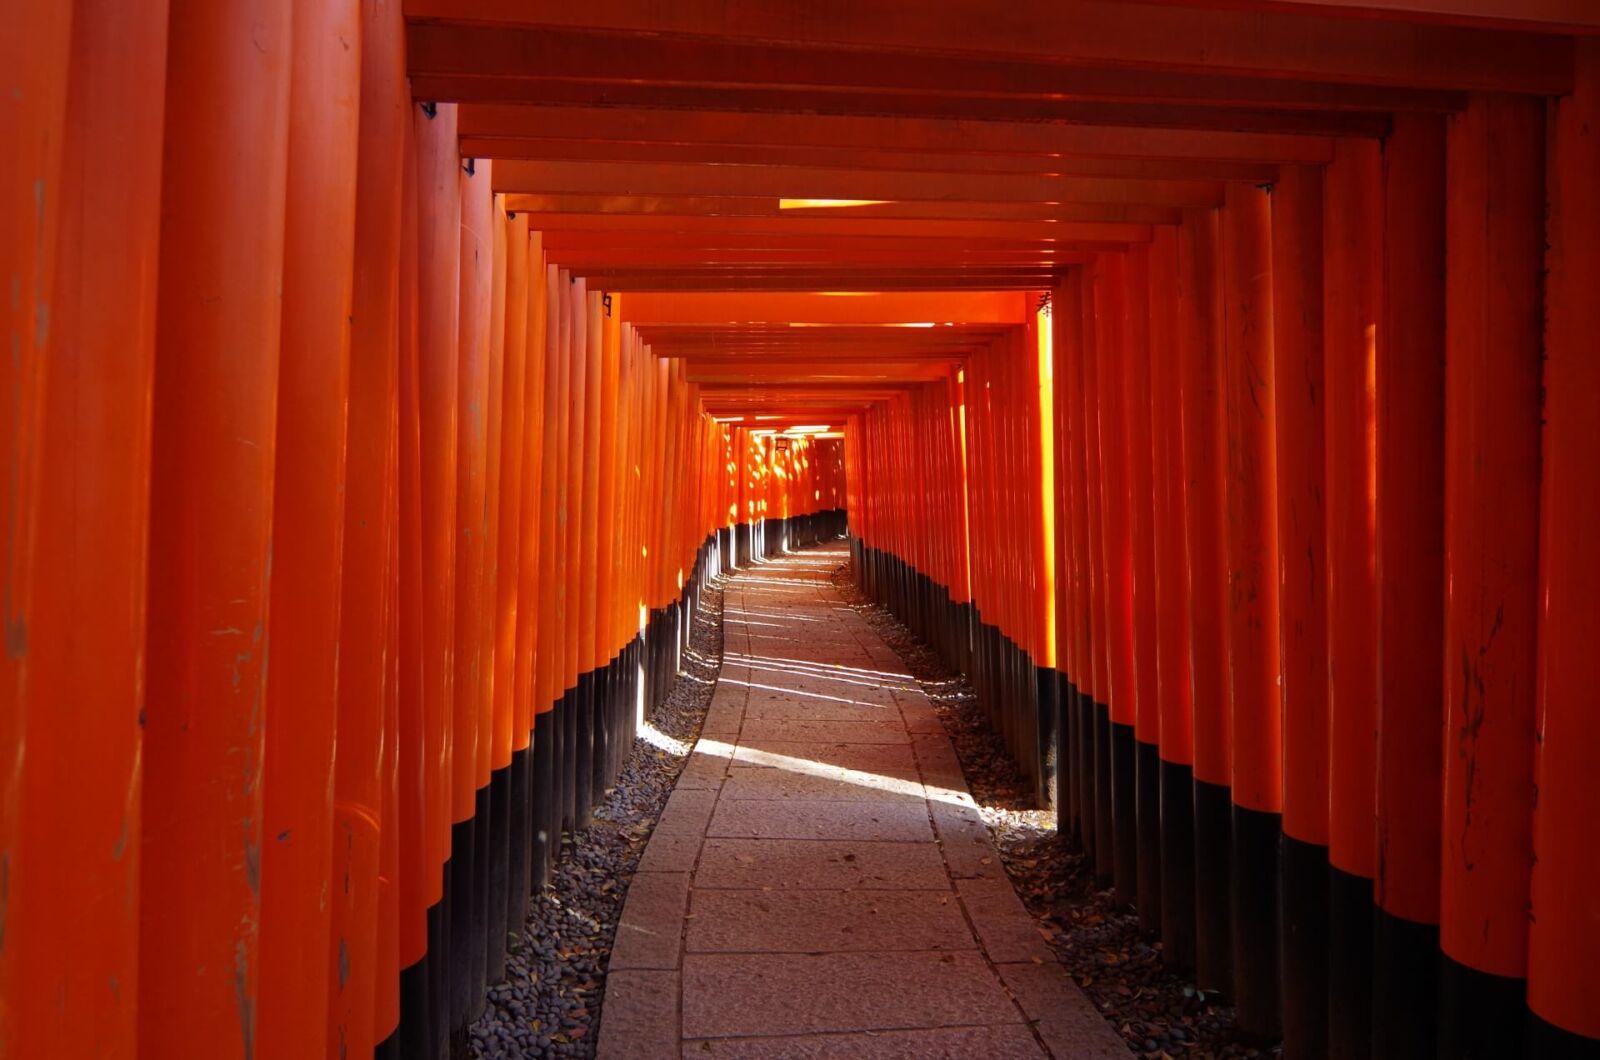 kyoto-fushimi-inari-taisha